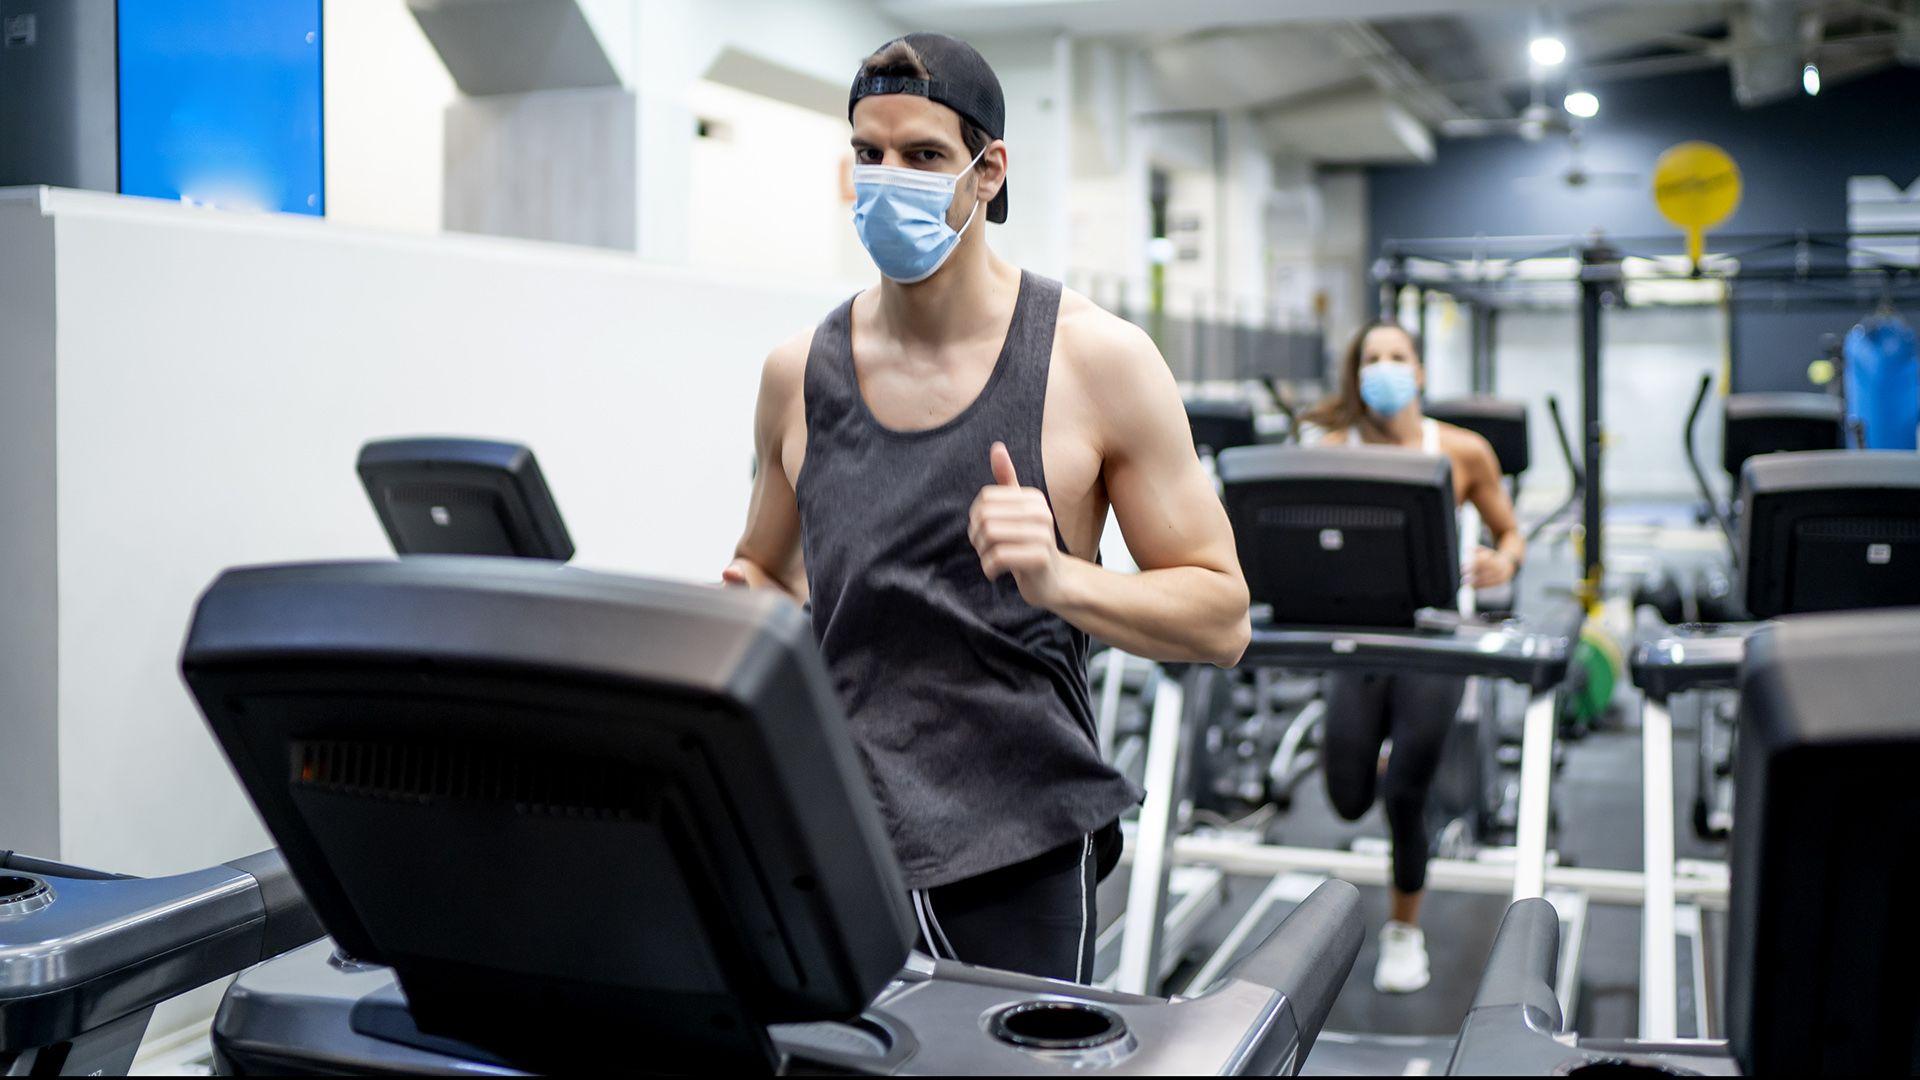 Maszkos futással bizonyítja egy orvos, hogy lehet benne levegőt kapni